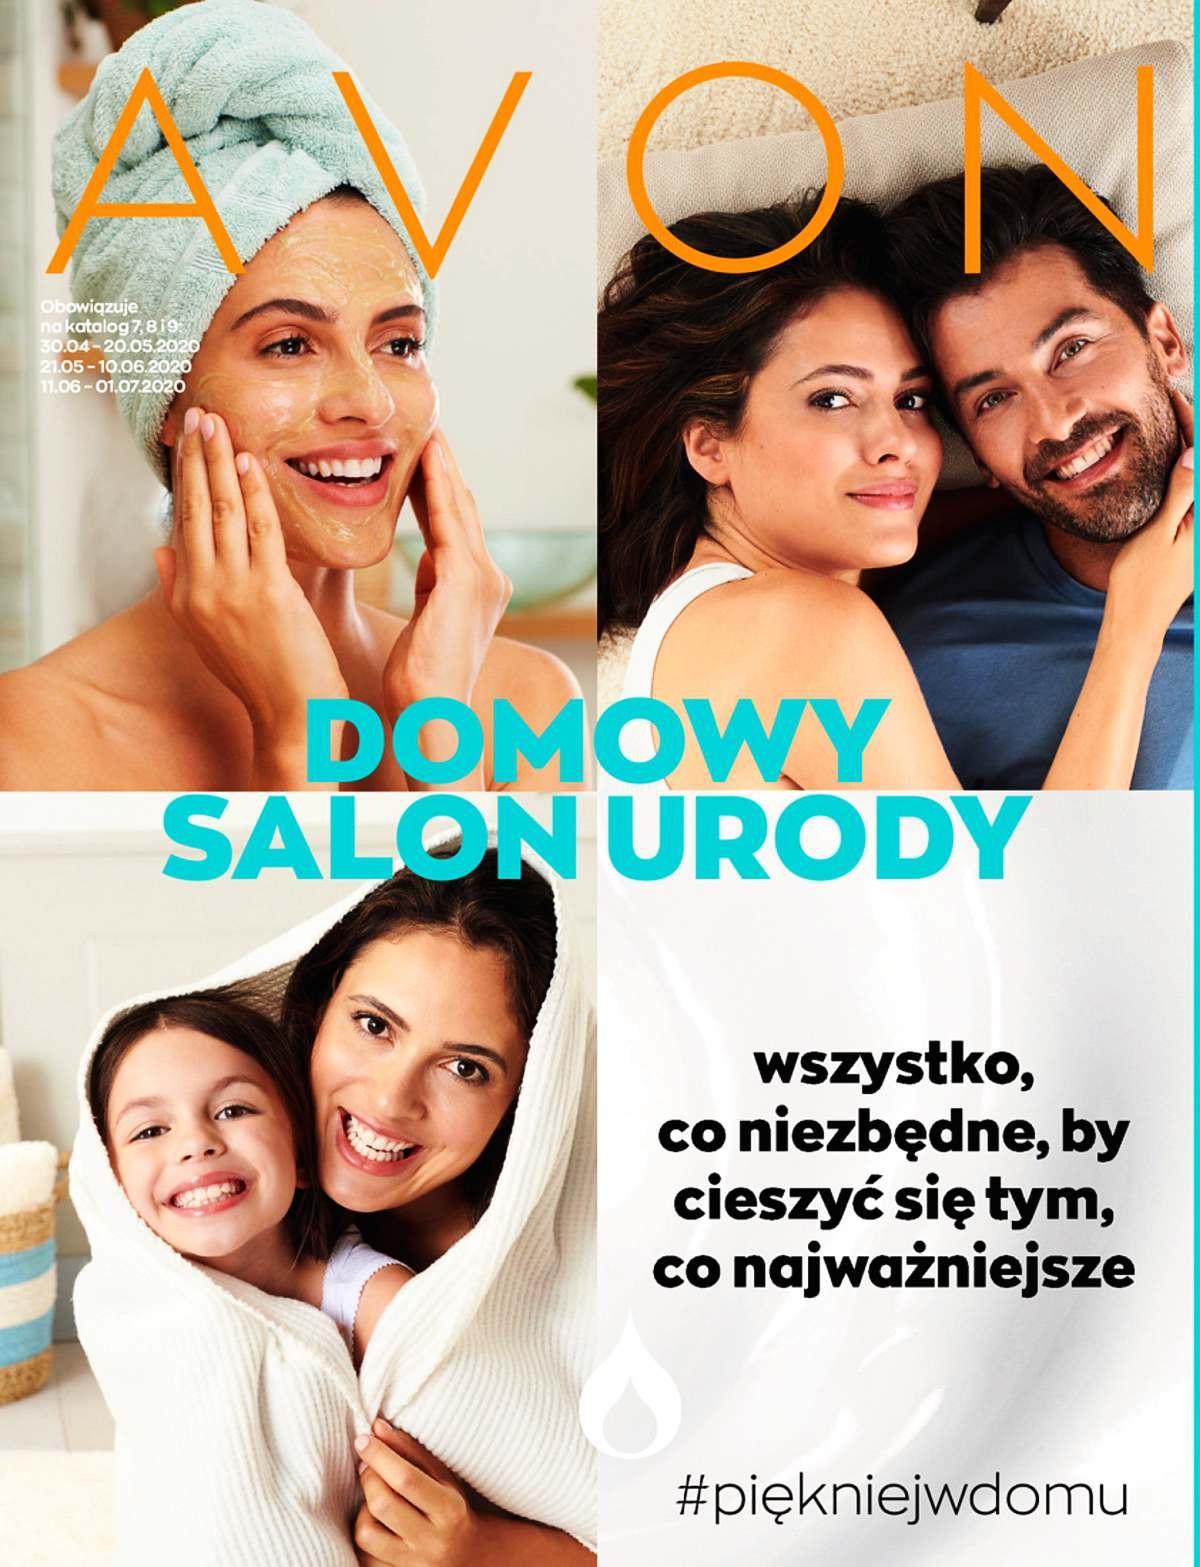 Gazetka promocyjna Avon do 01/07/2020 str.1